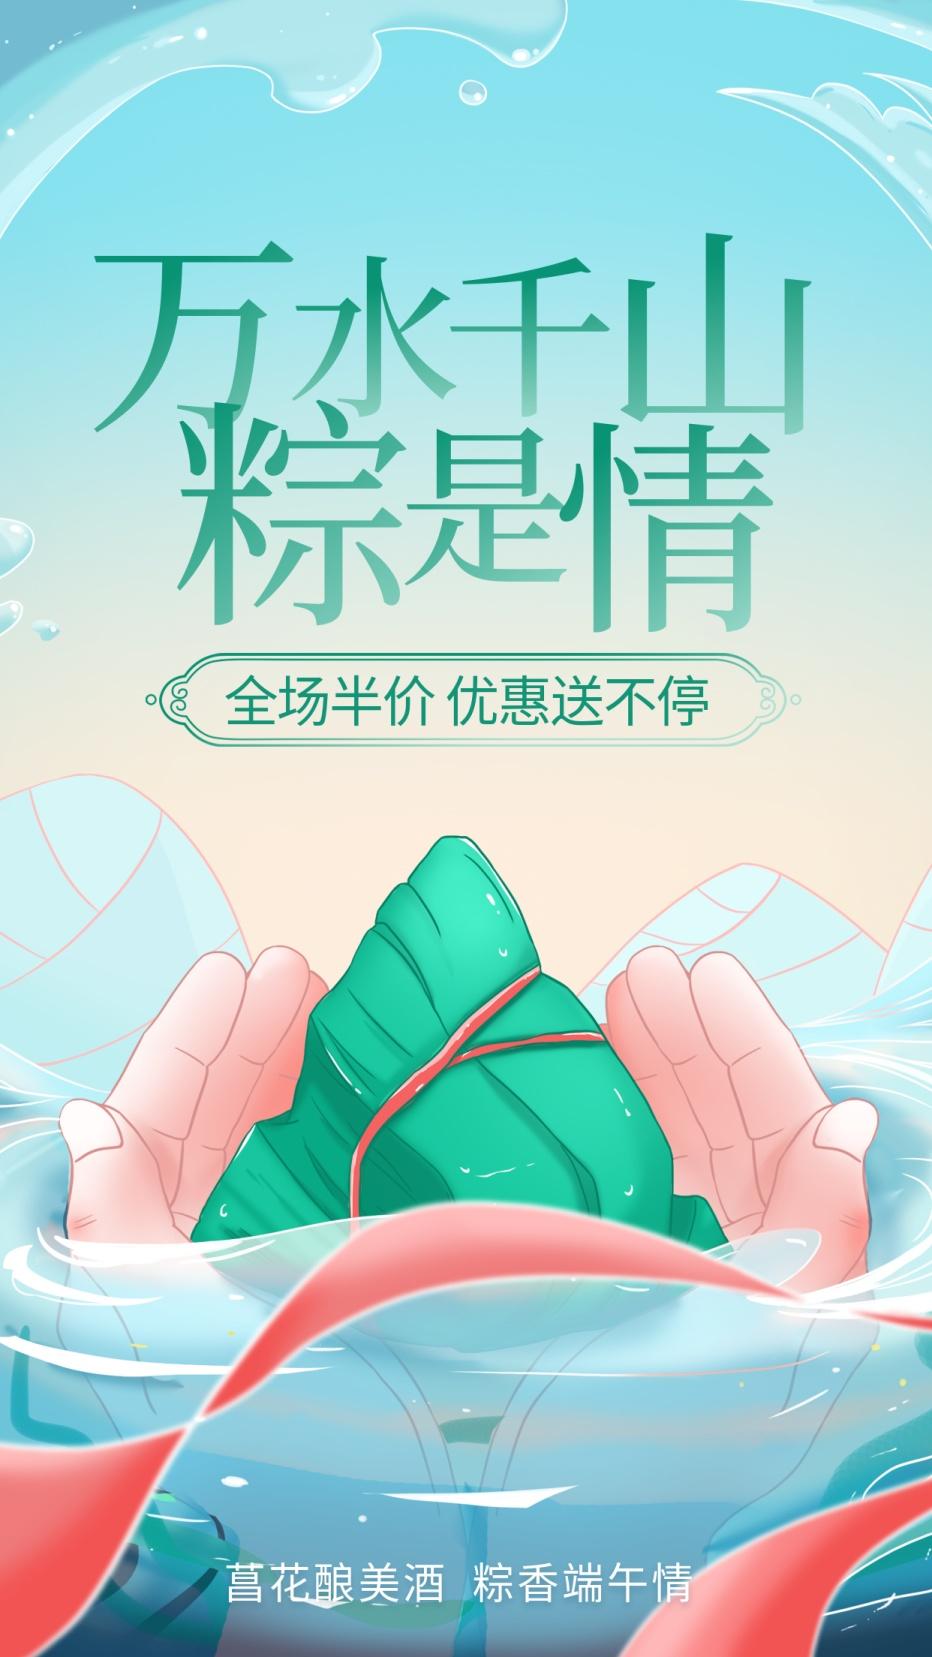 万水千山粽是情 插画风手机海报